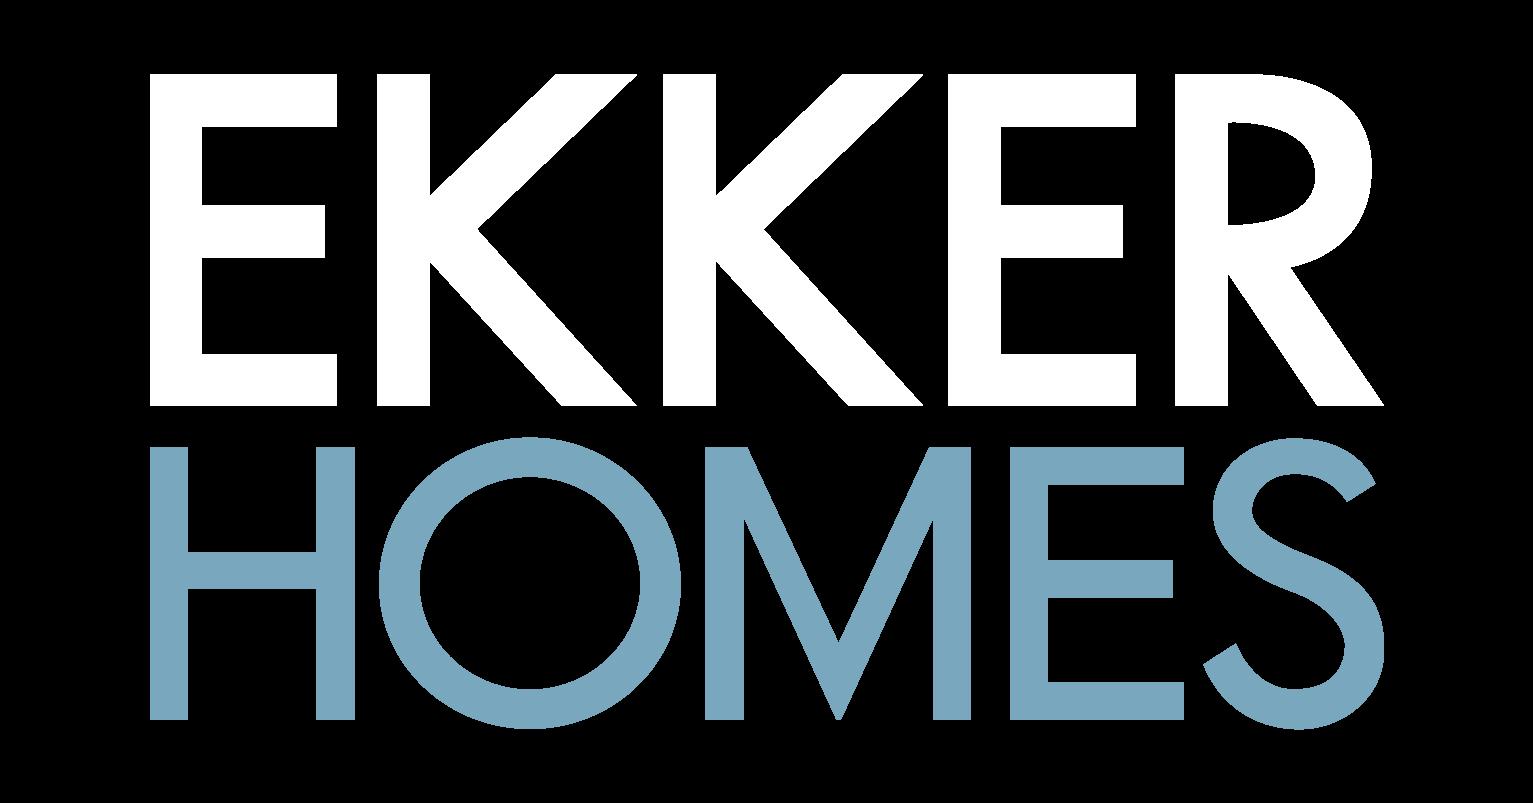 Ekker Homes